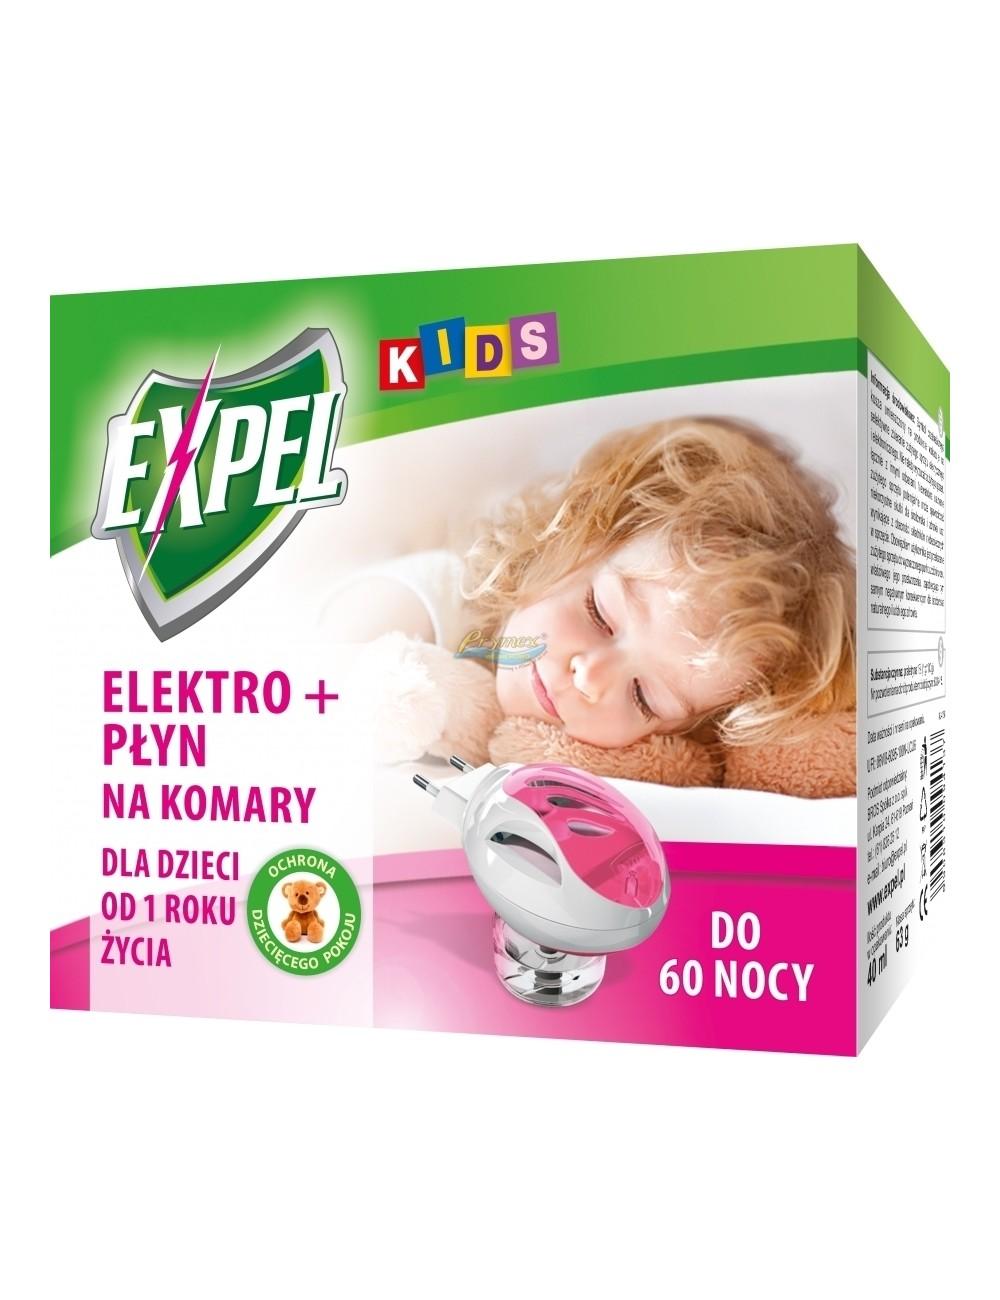 Expel Kids Elektro + Płyn na Komary 40 ml 1 szt